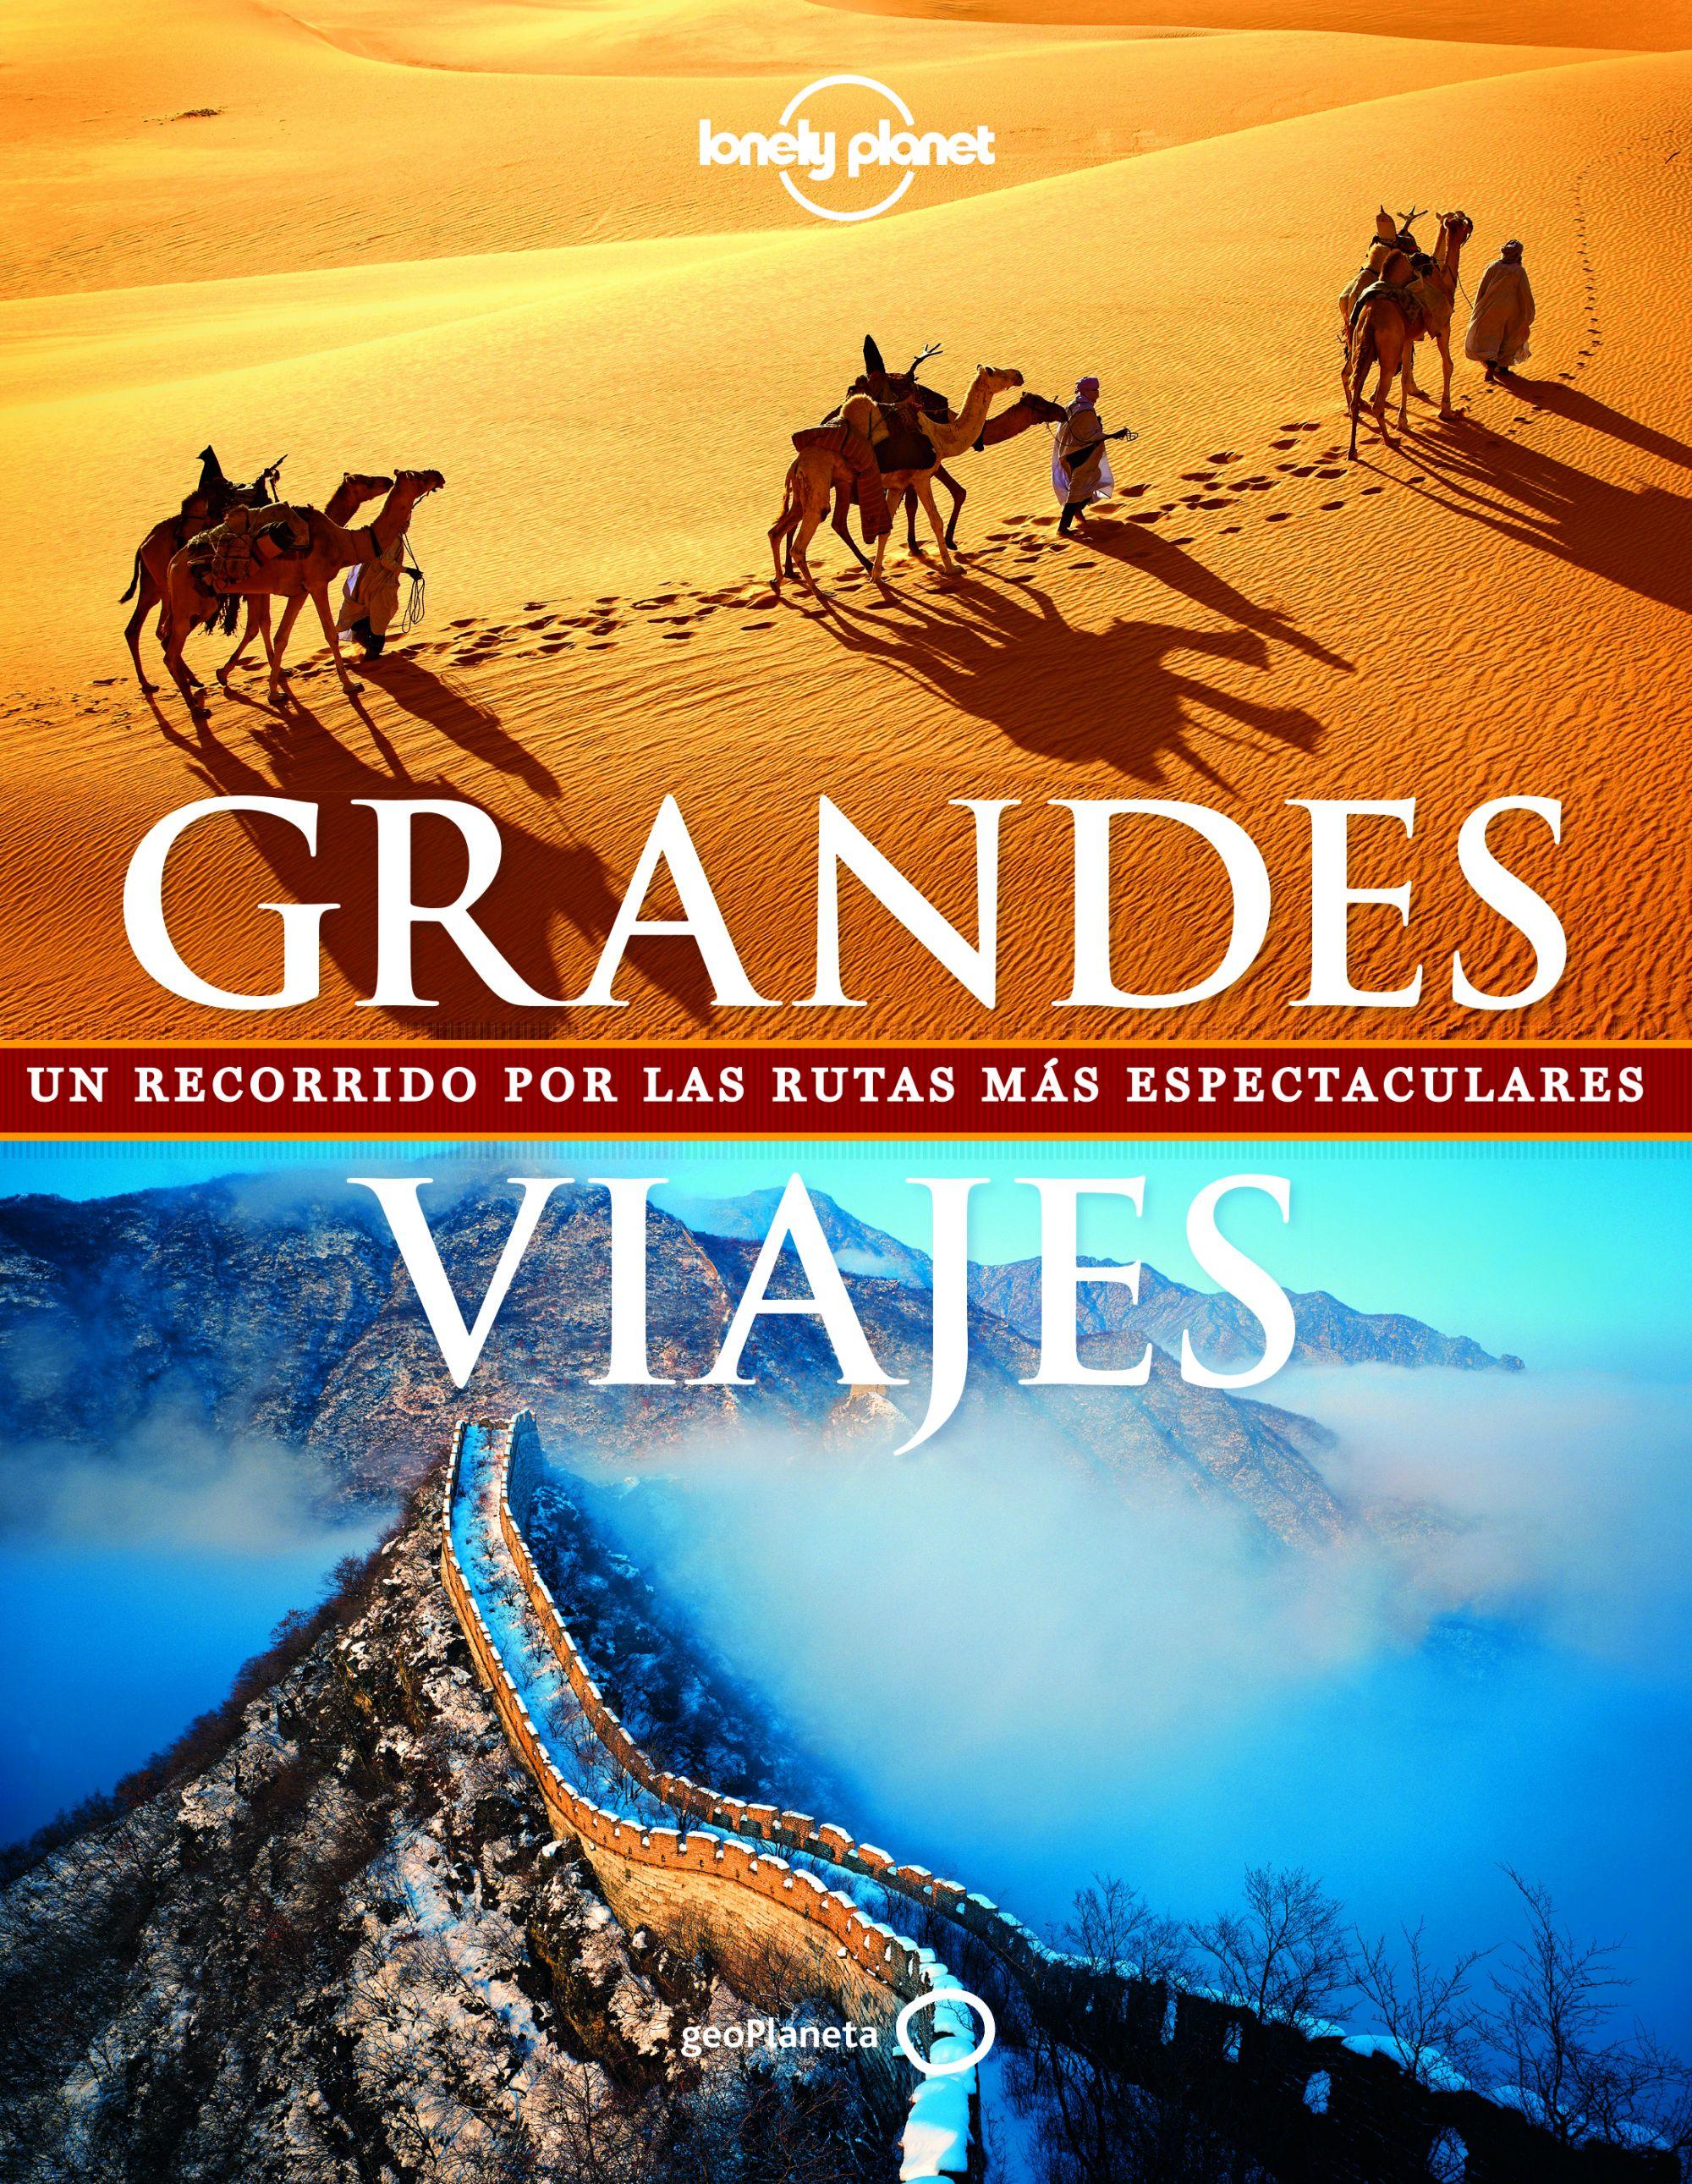 Guía Guía Grandes viajes (nuevo formato)